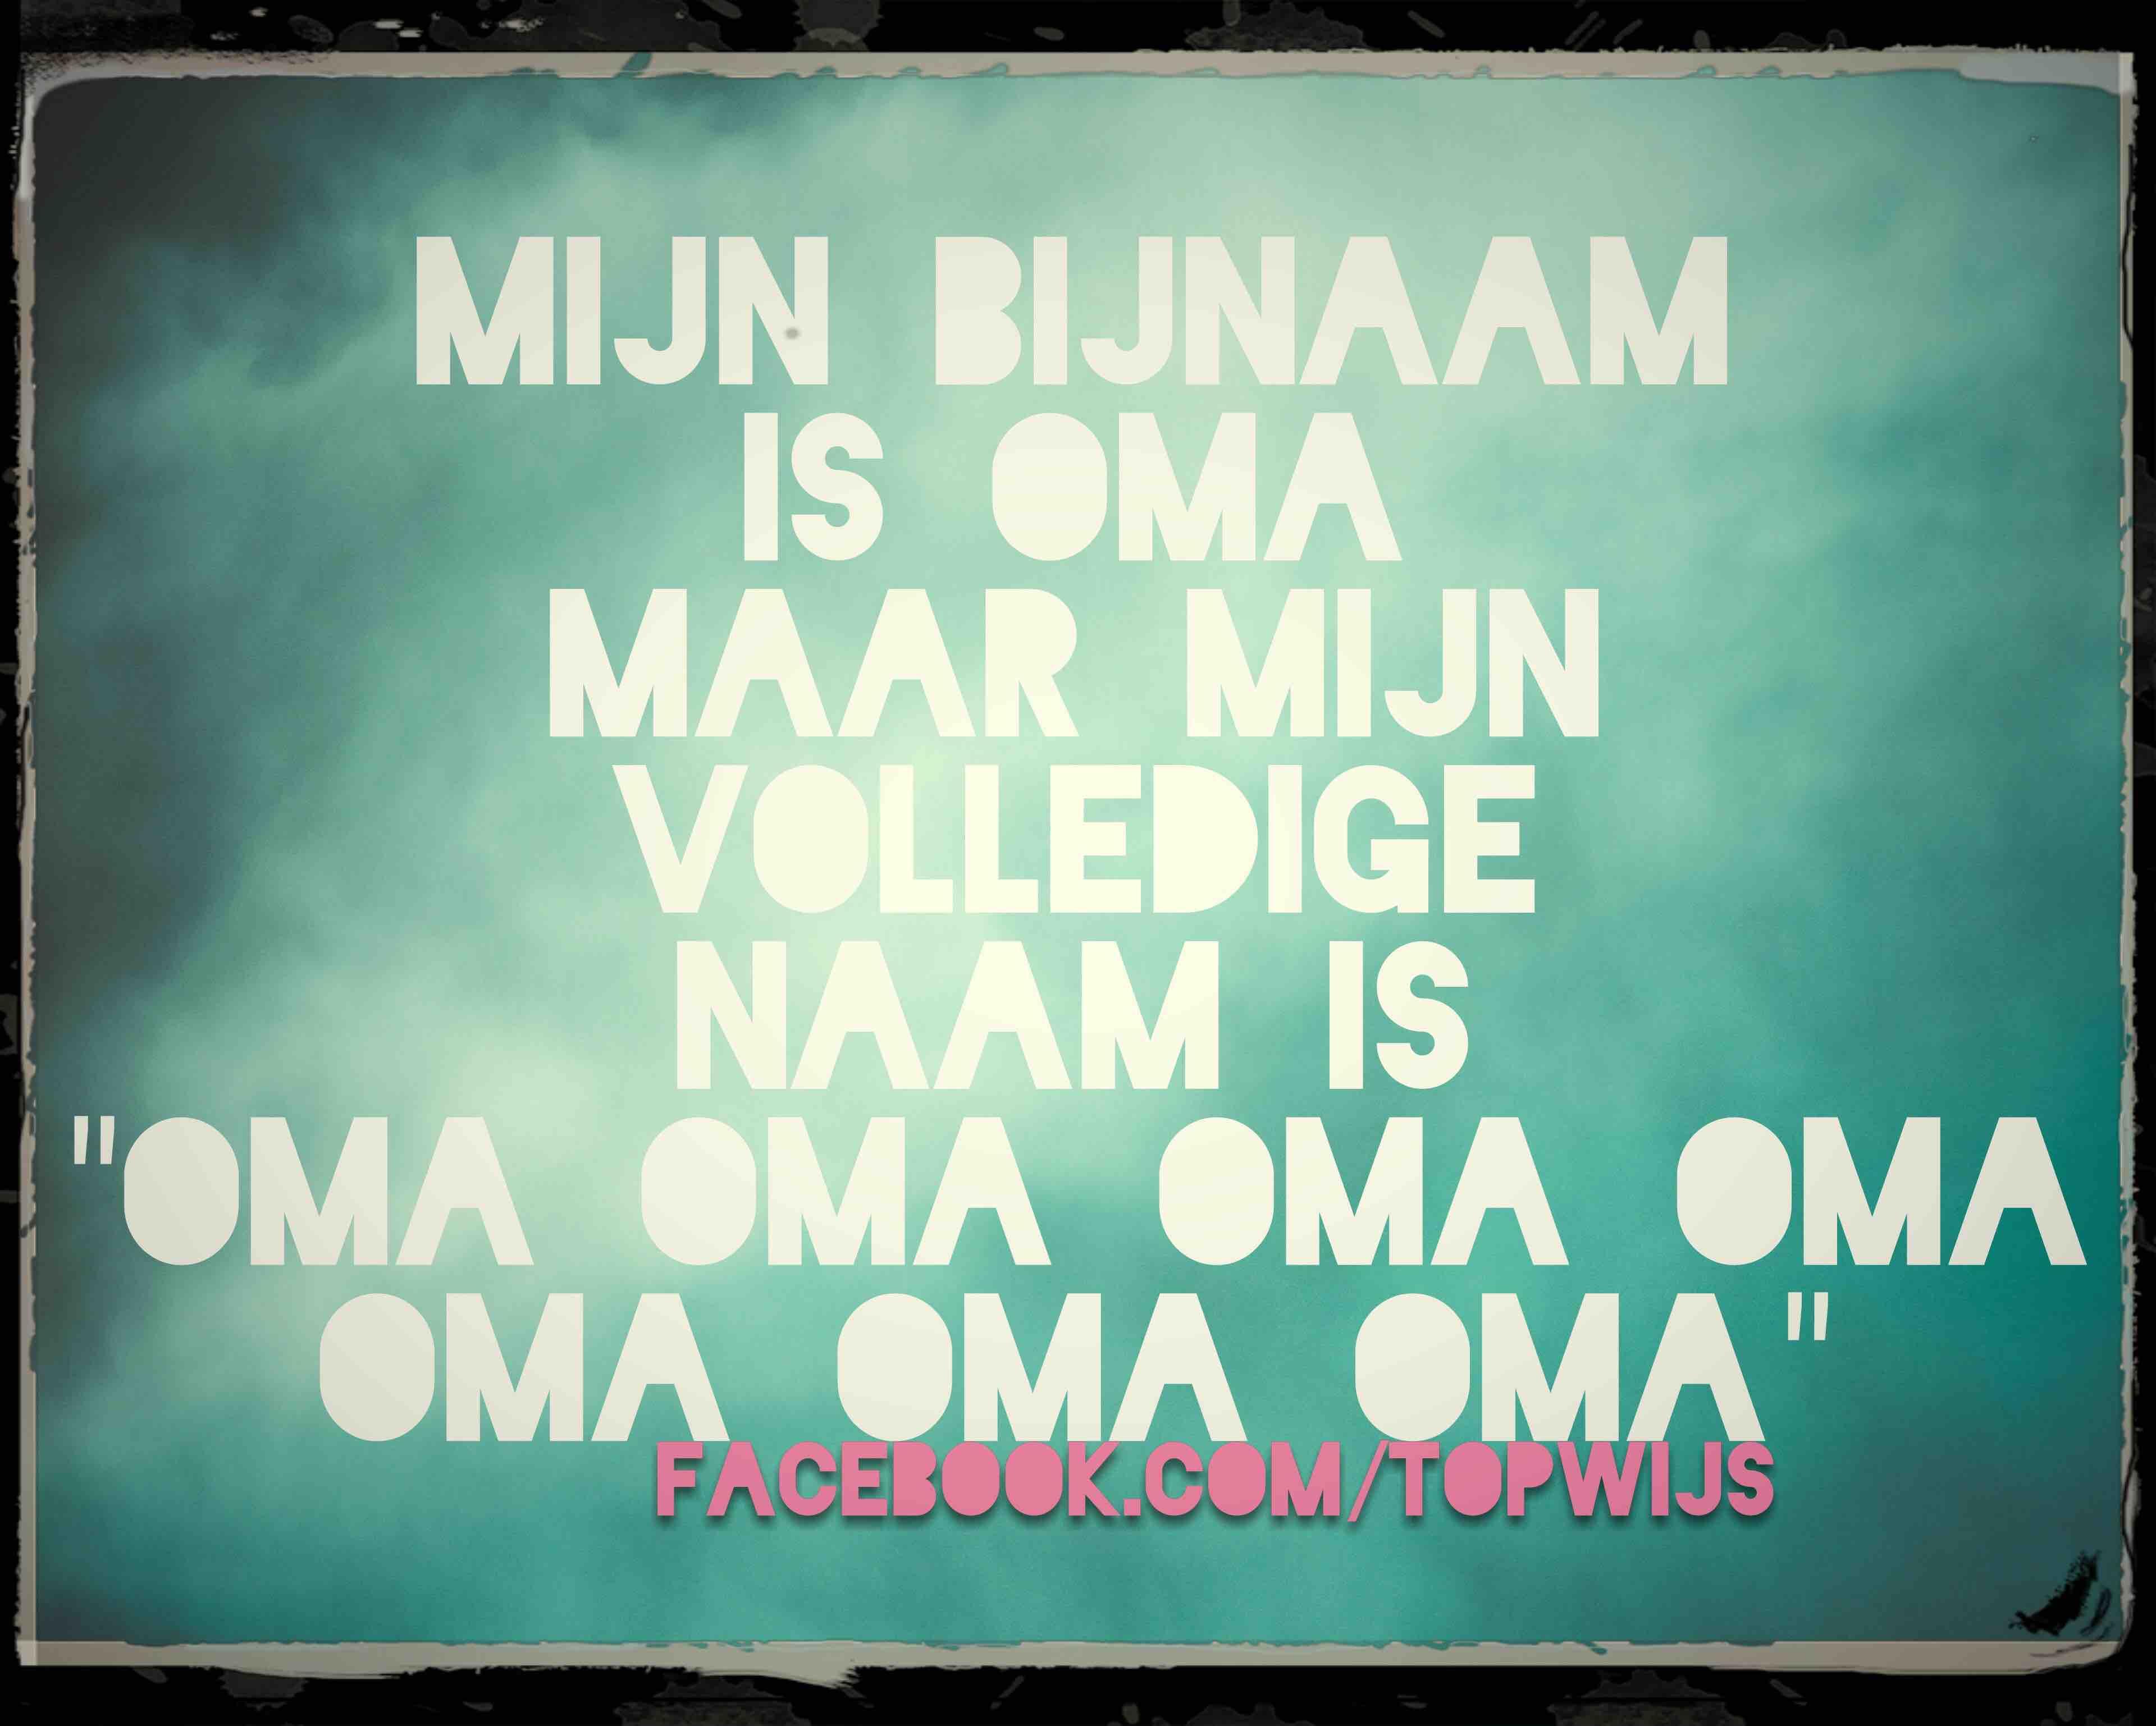 """Mijn bijnaam is oma, maar mijn volledige naam is """"oma oma oma oma oma"""""""